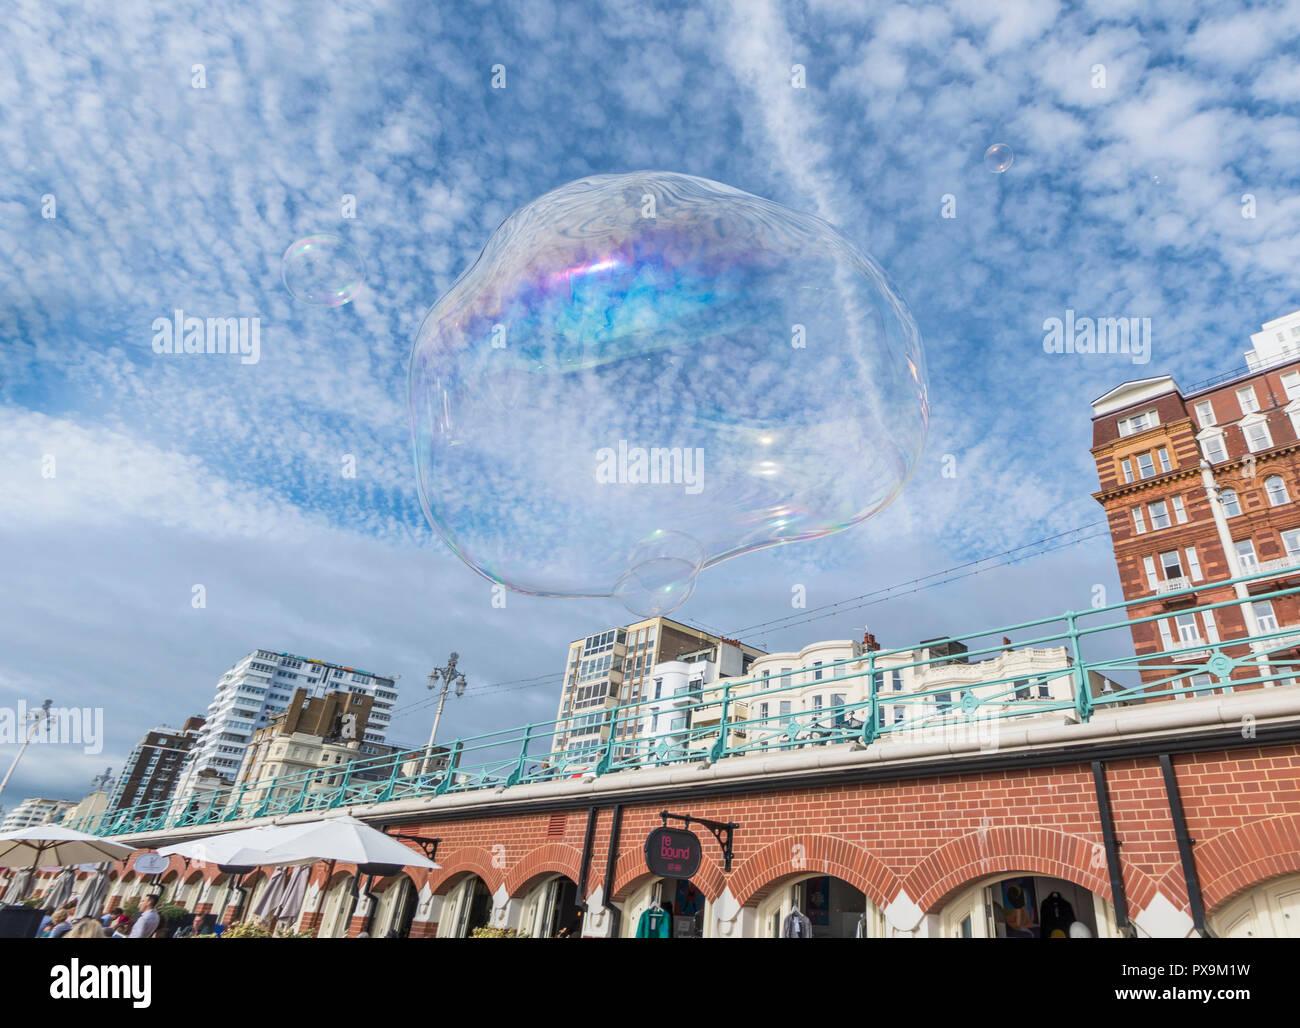 Grosse bulle flottant dans le ciel dans une ville avec ciel bleu et nuages duveteux à Brighton, Royaume-Uni. Concept de la liberté. Flotte librement. Photo Stock